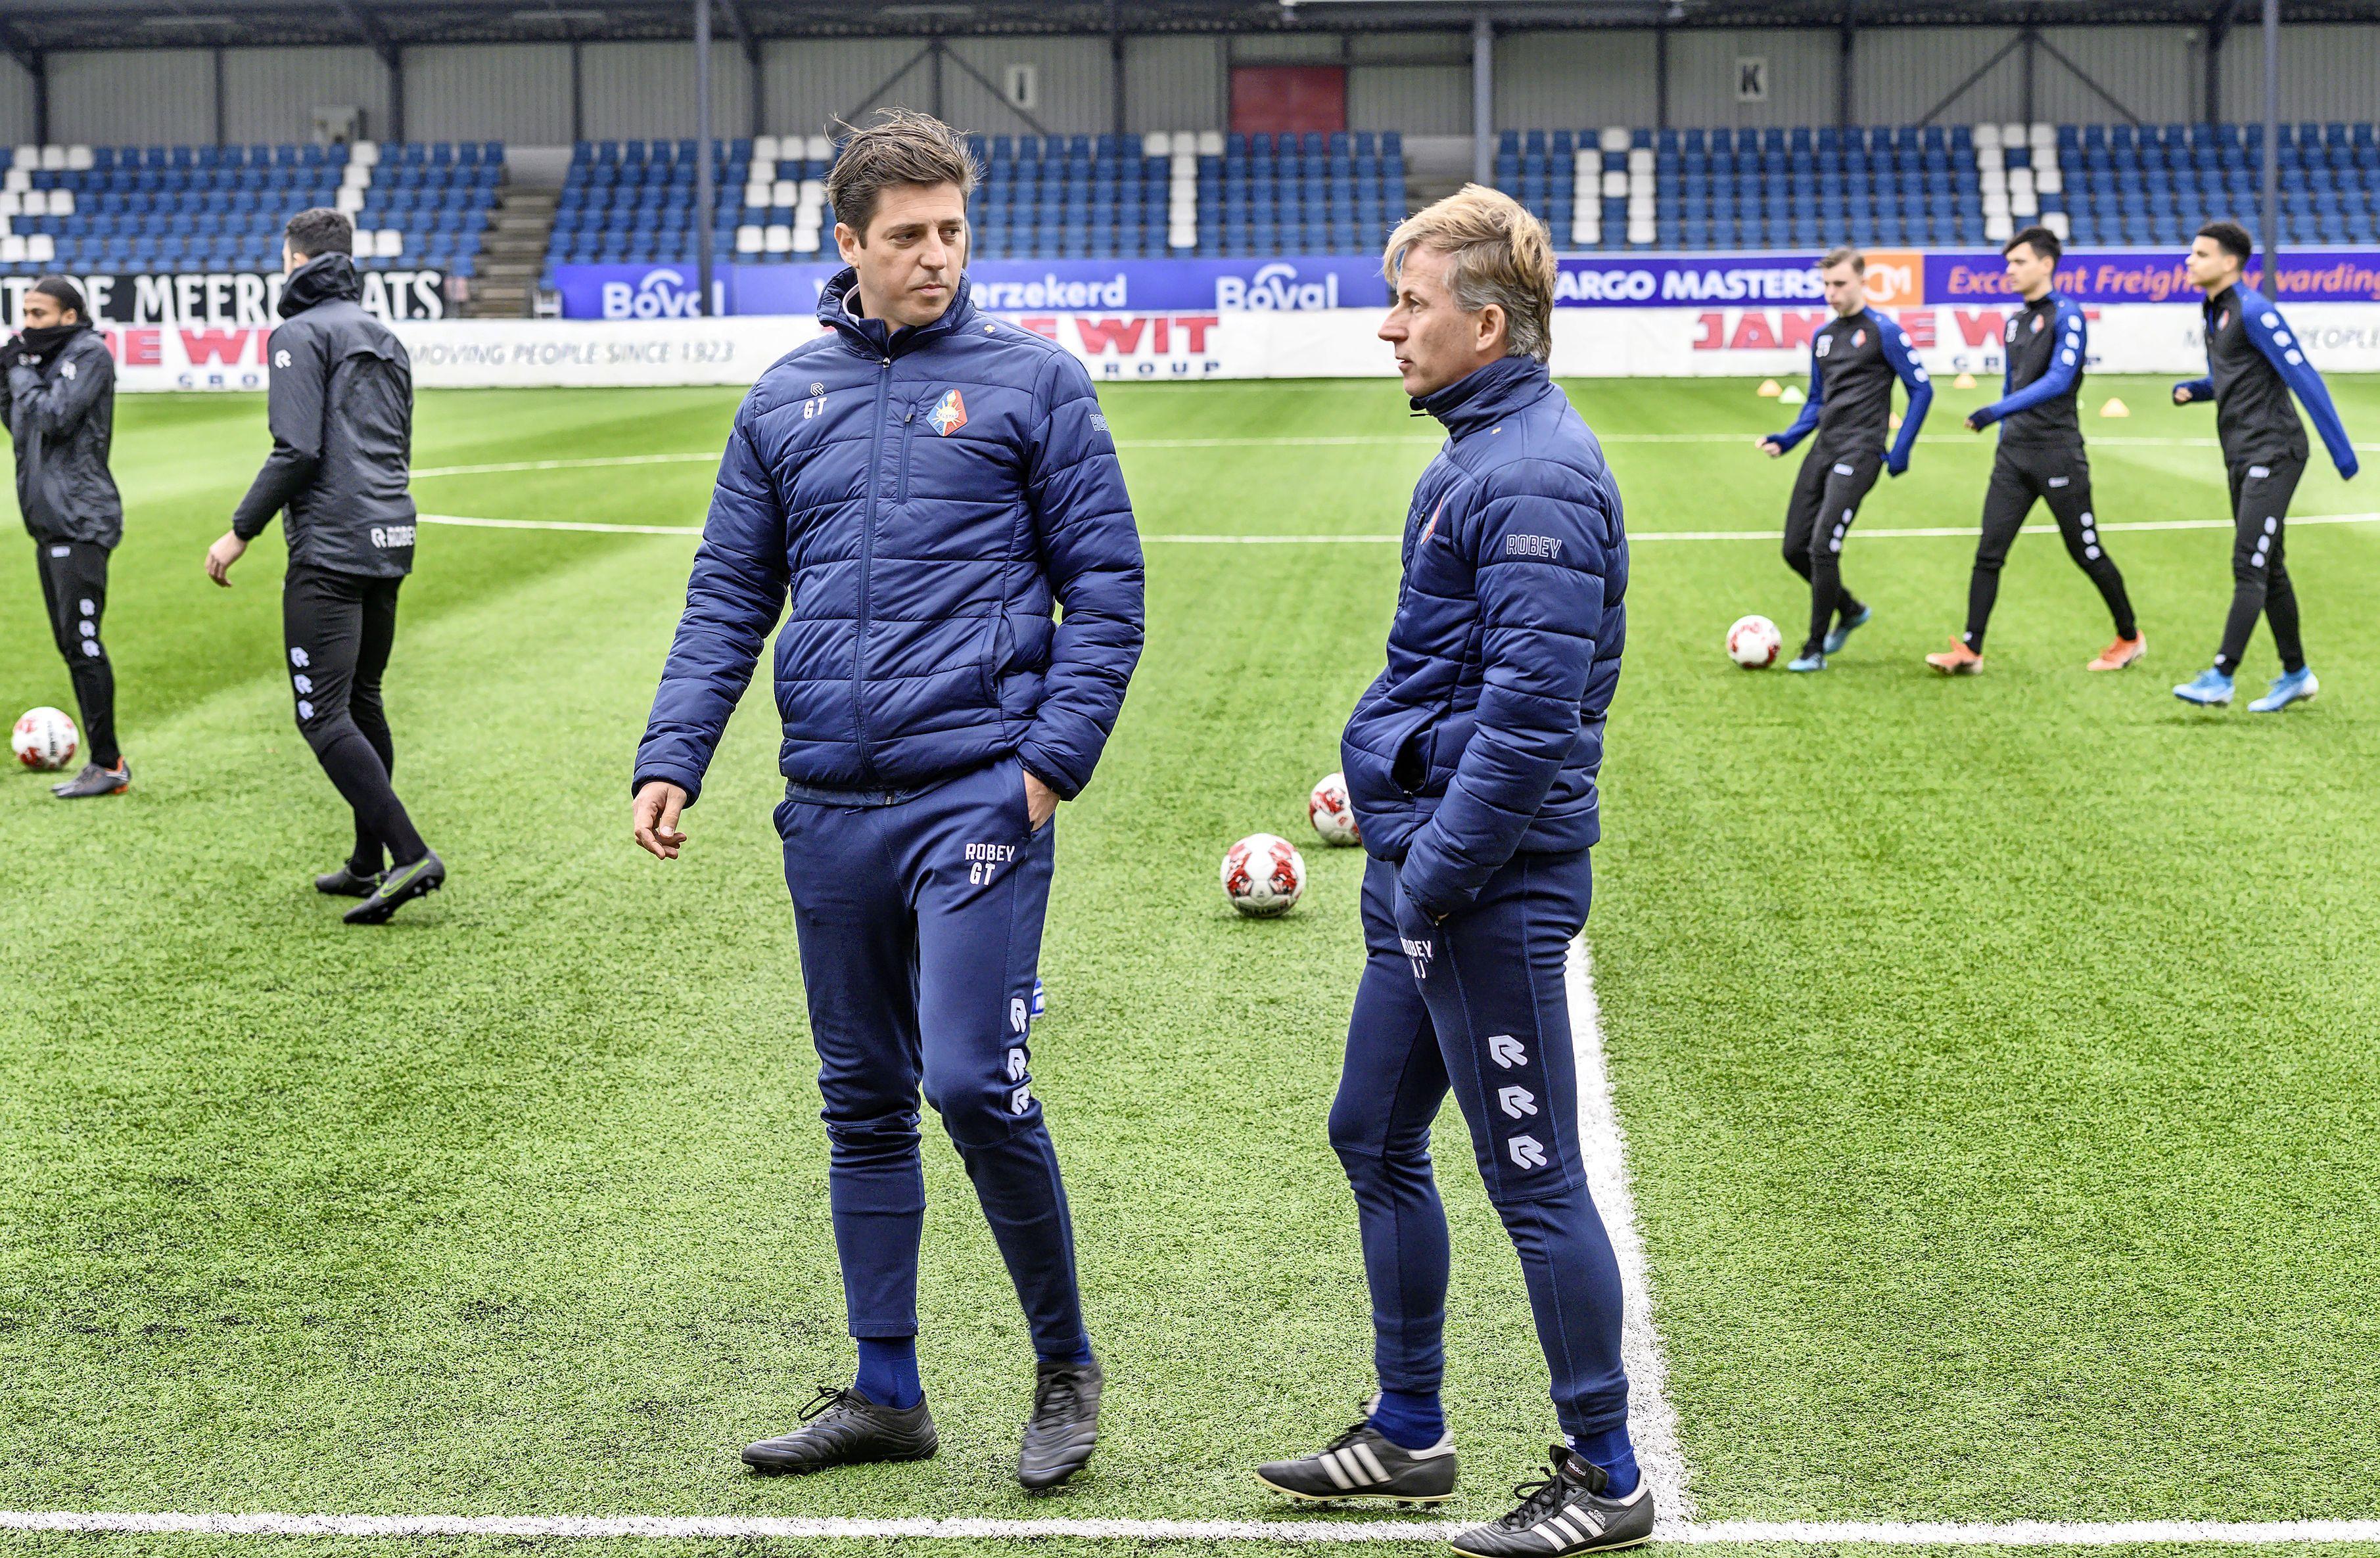 Gertjan Tamerus weg als assistent-trainer bij Telstar, Haarlemmer blijft aan bij Koninklijke HFC: 'Te druk om te combineren'